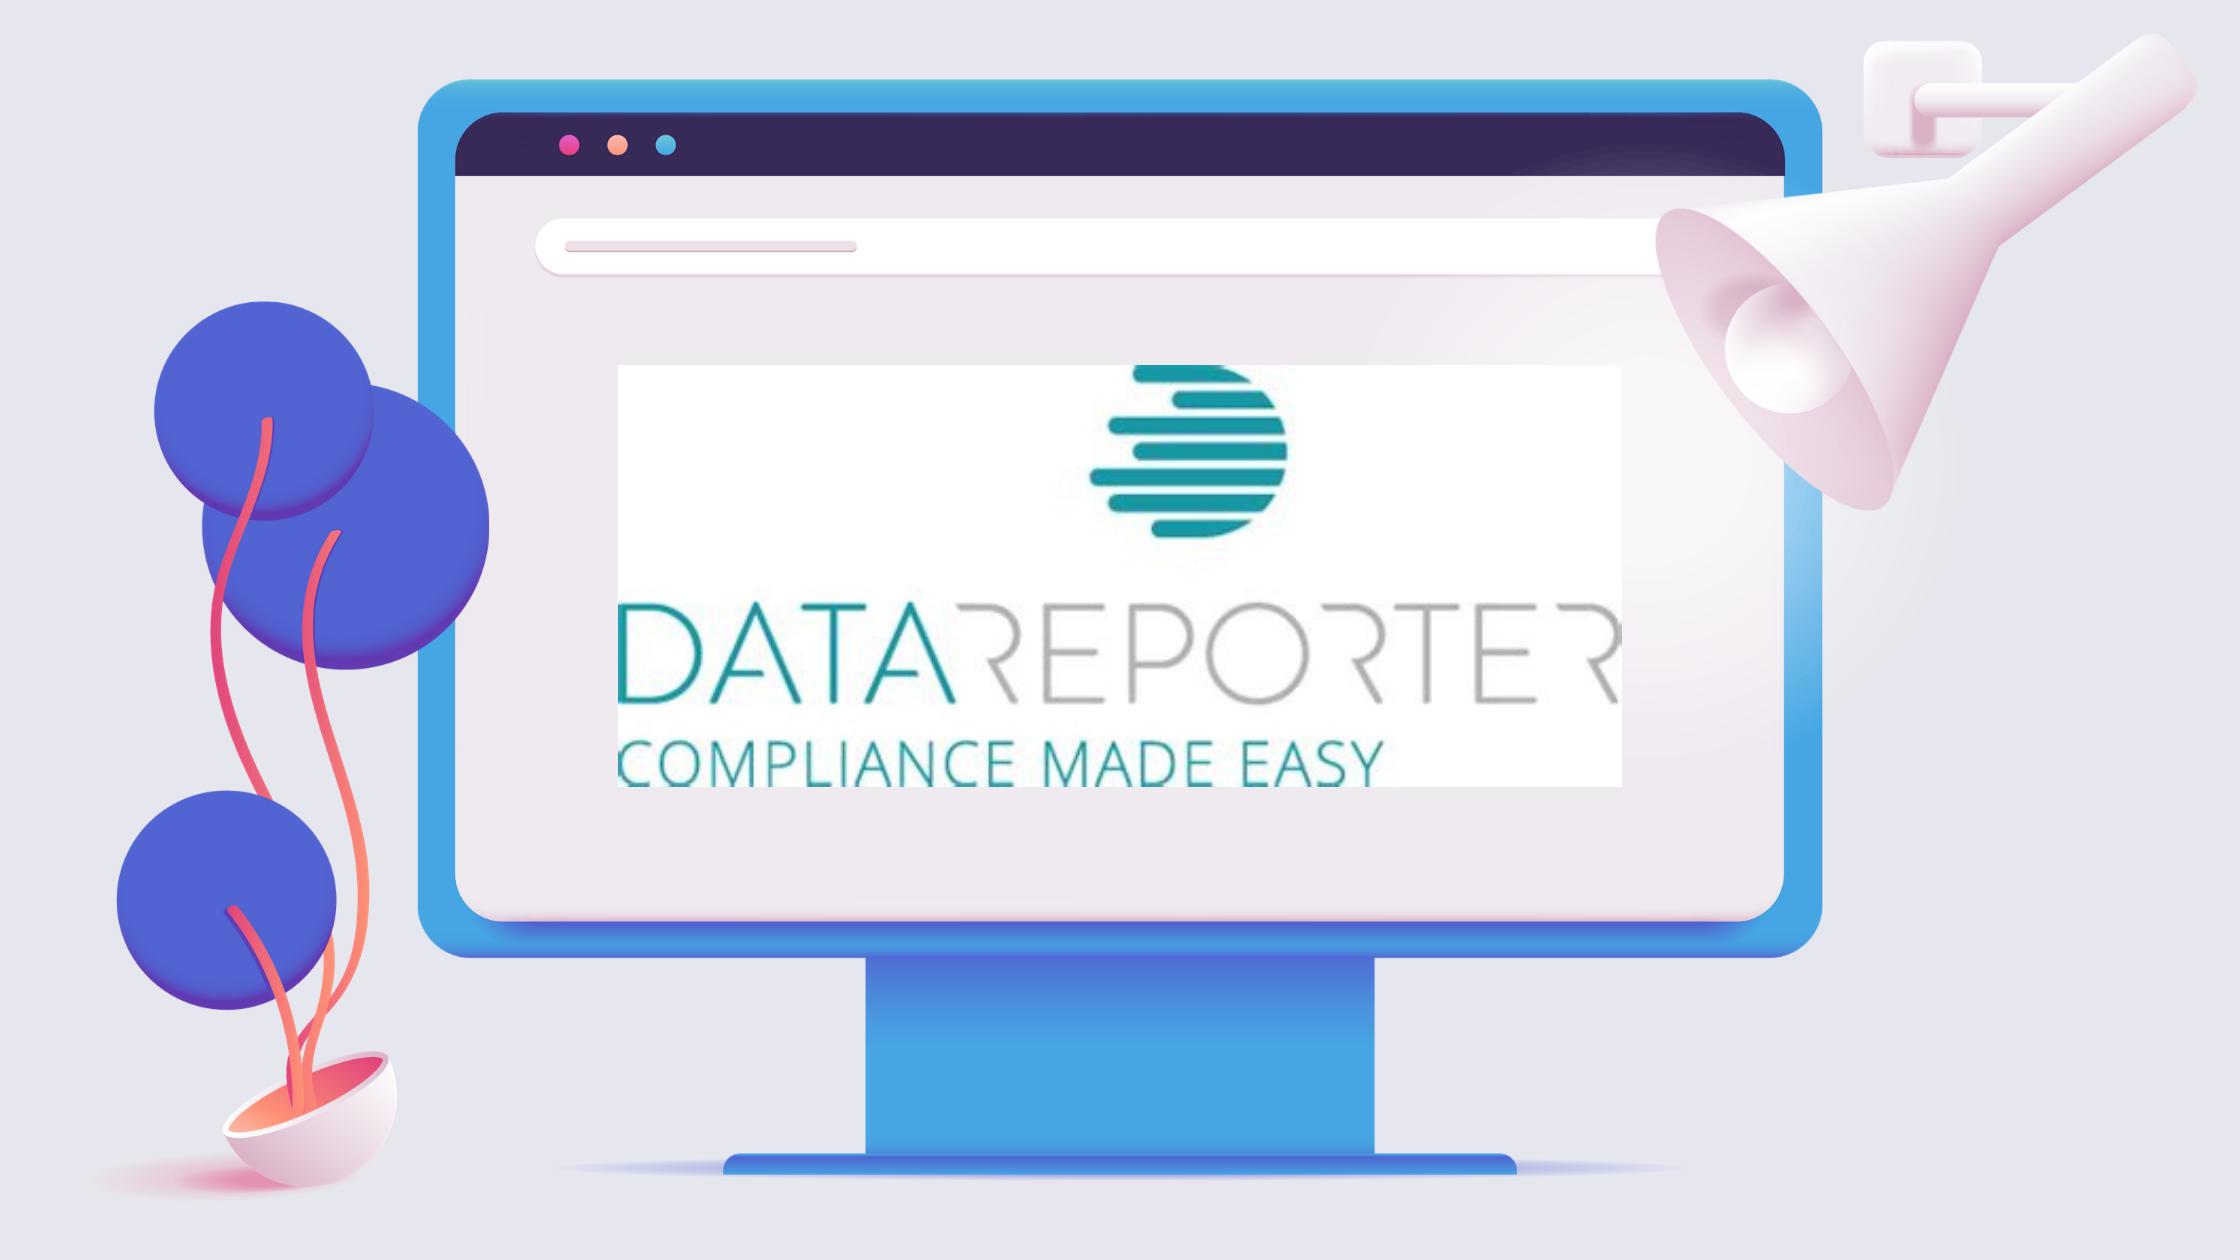 Say yes, Baby! Gemeinsam mit Datareporter Datenschutz rocken